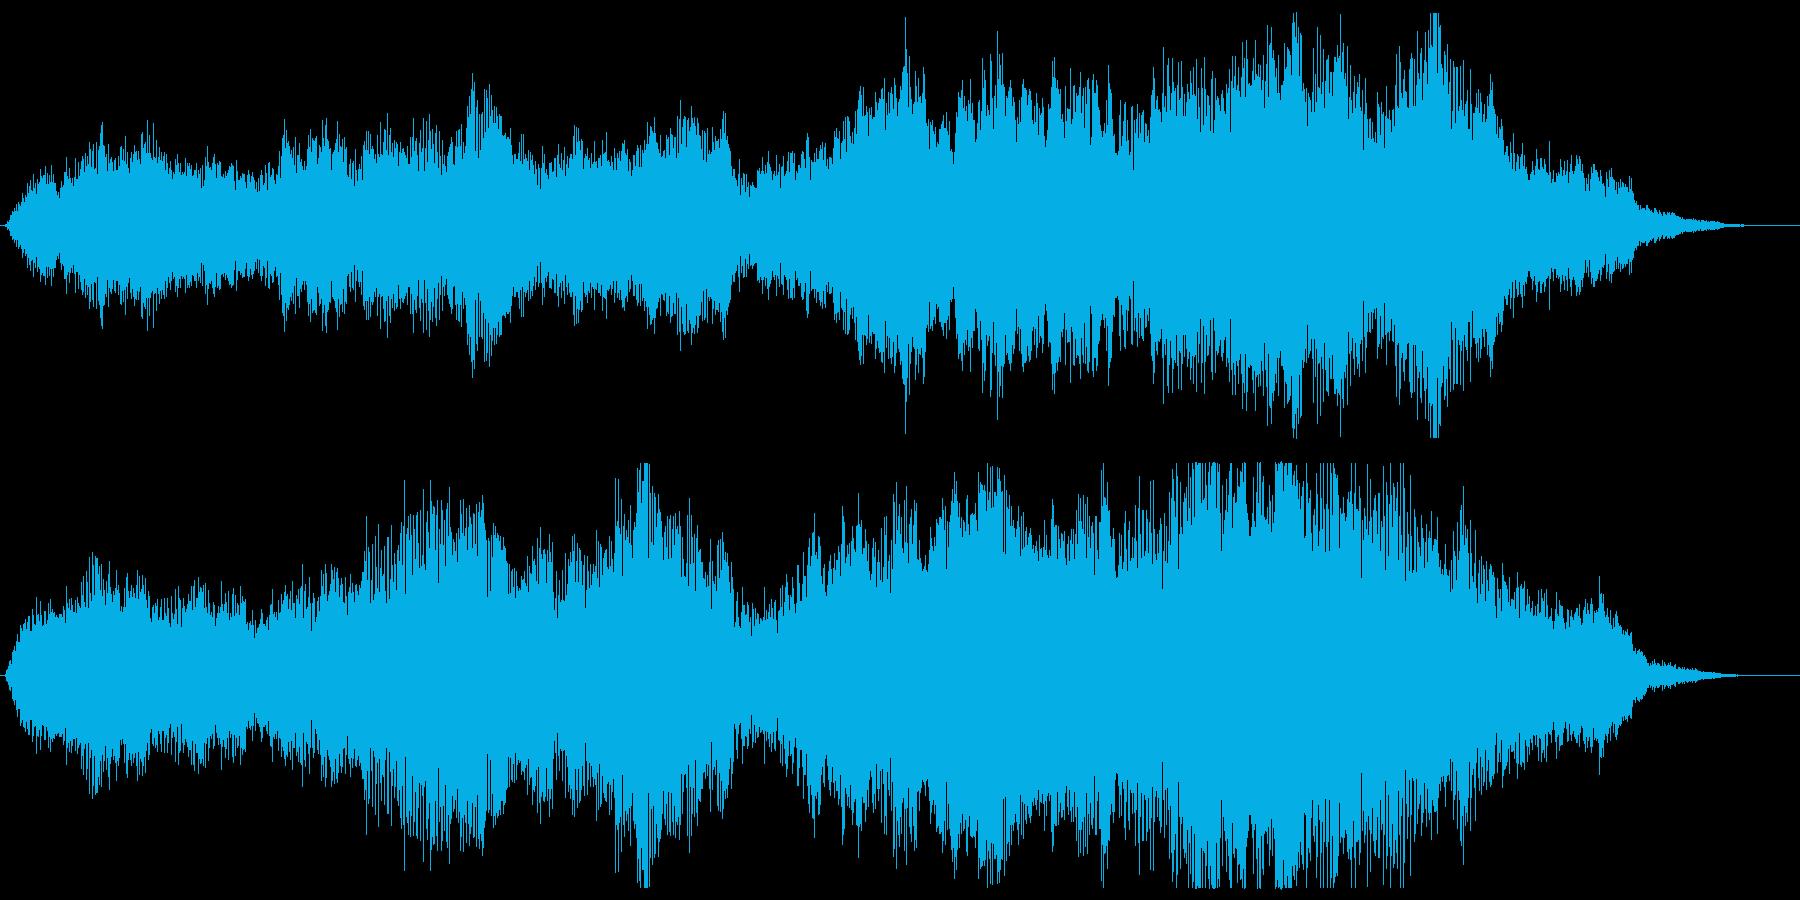 幻想的な哀愁のストリングス系ジングルの再生済みの波形